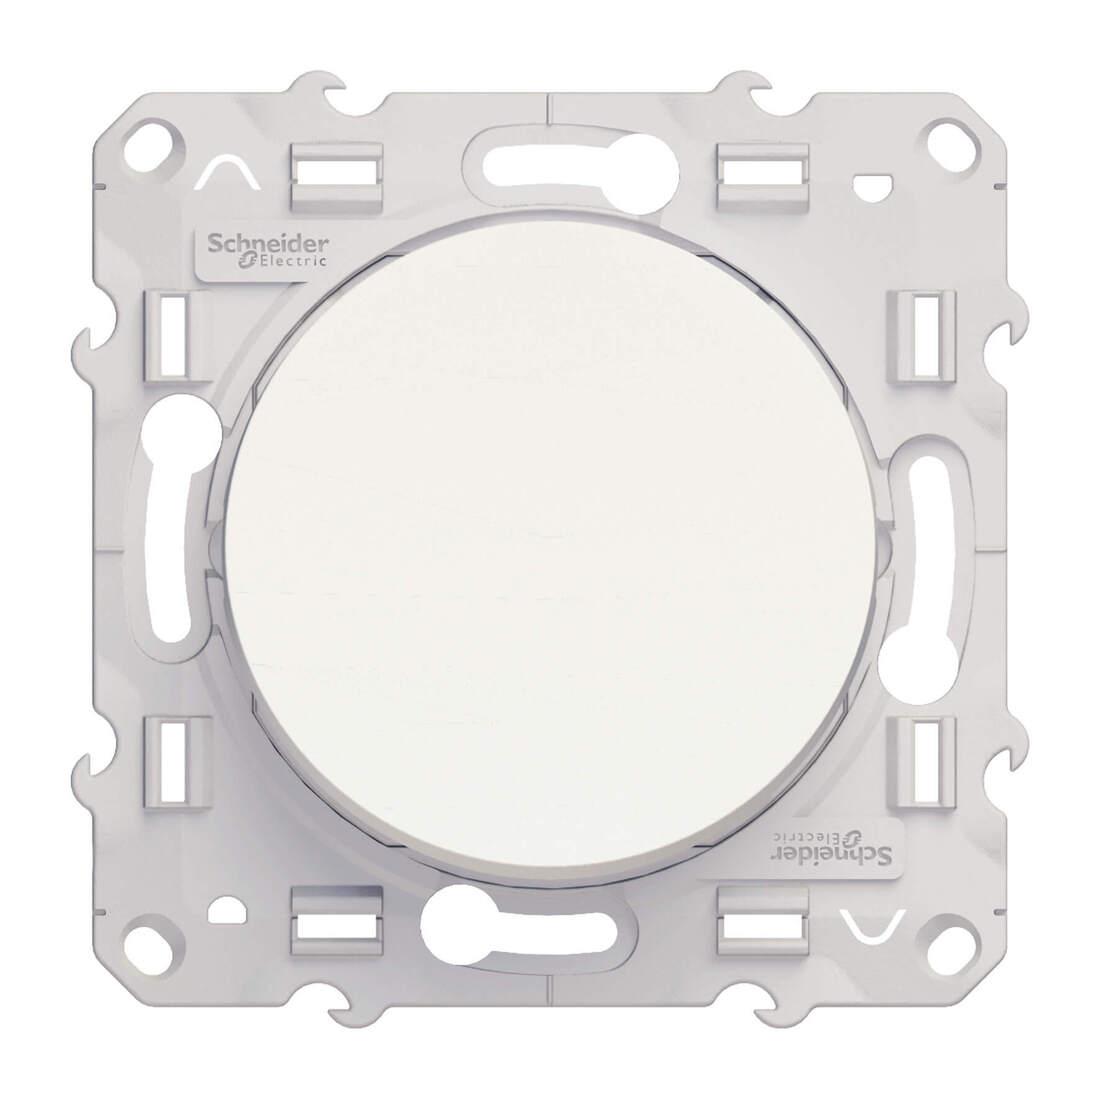 Schneider Electric Odace wisselschakelaar 10A - wit (S520203)